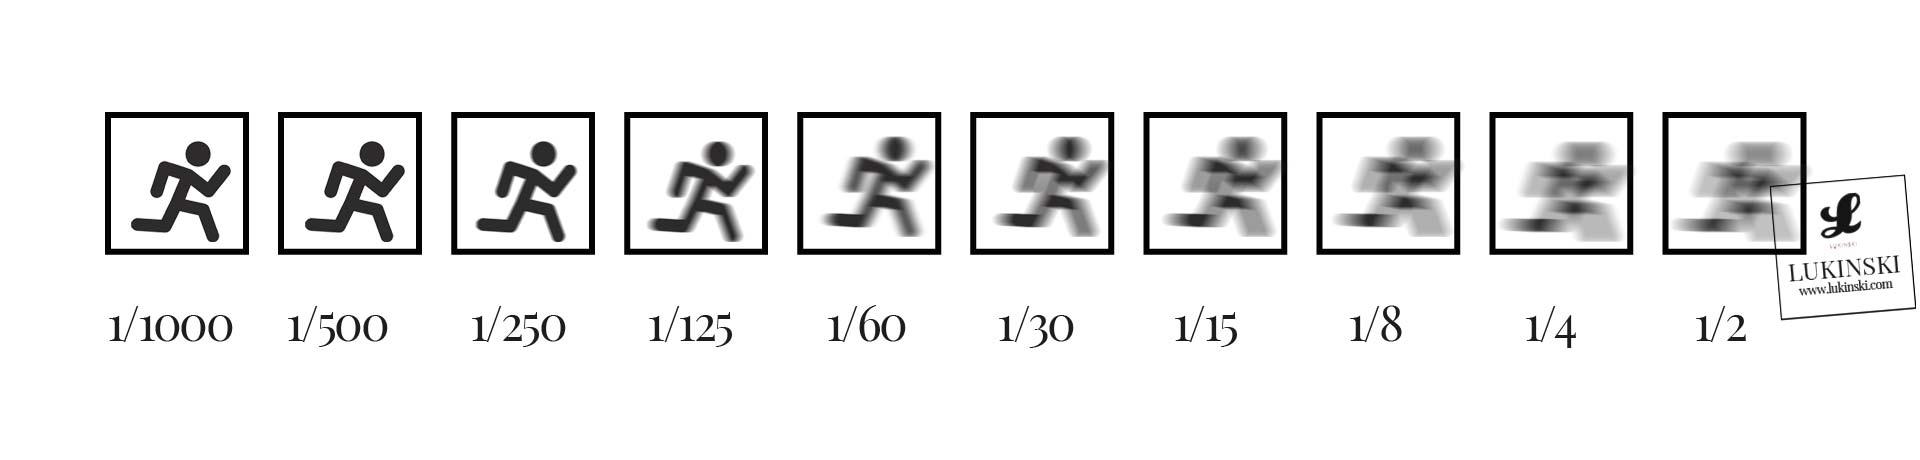 Chart - photography (shutter speed)